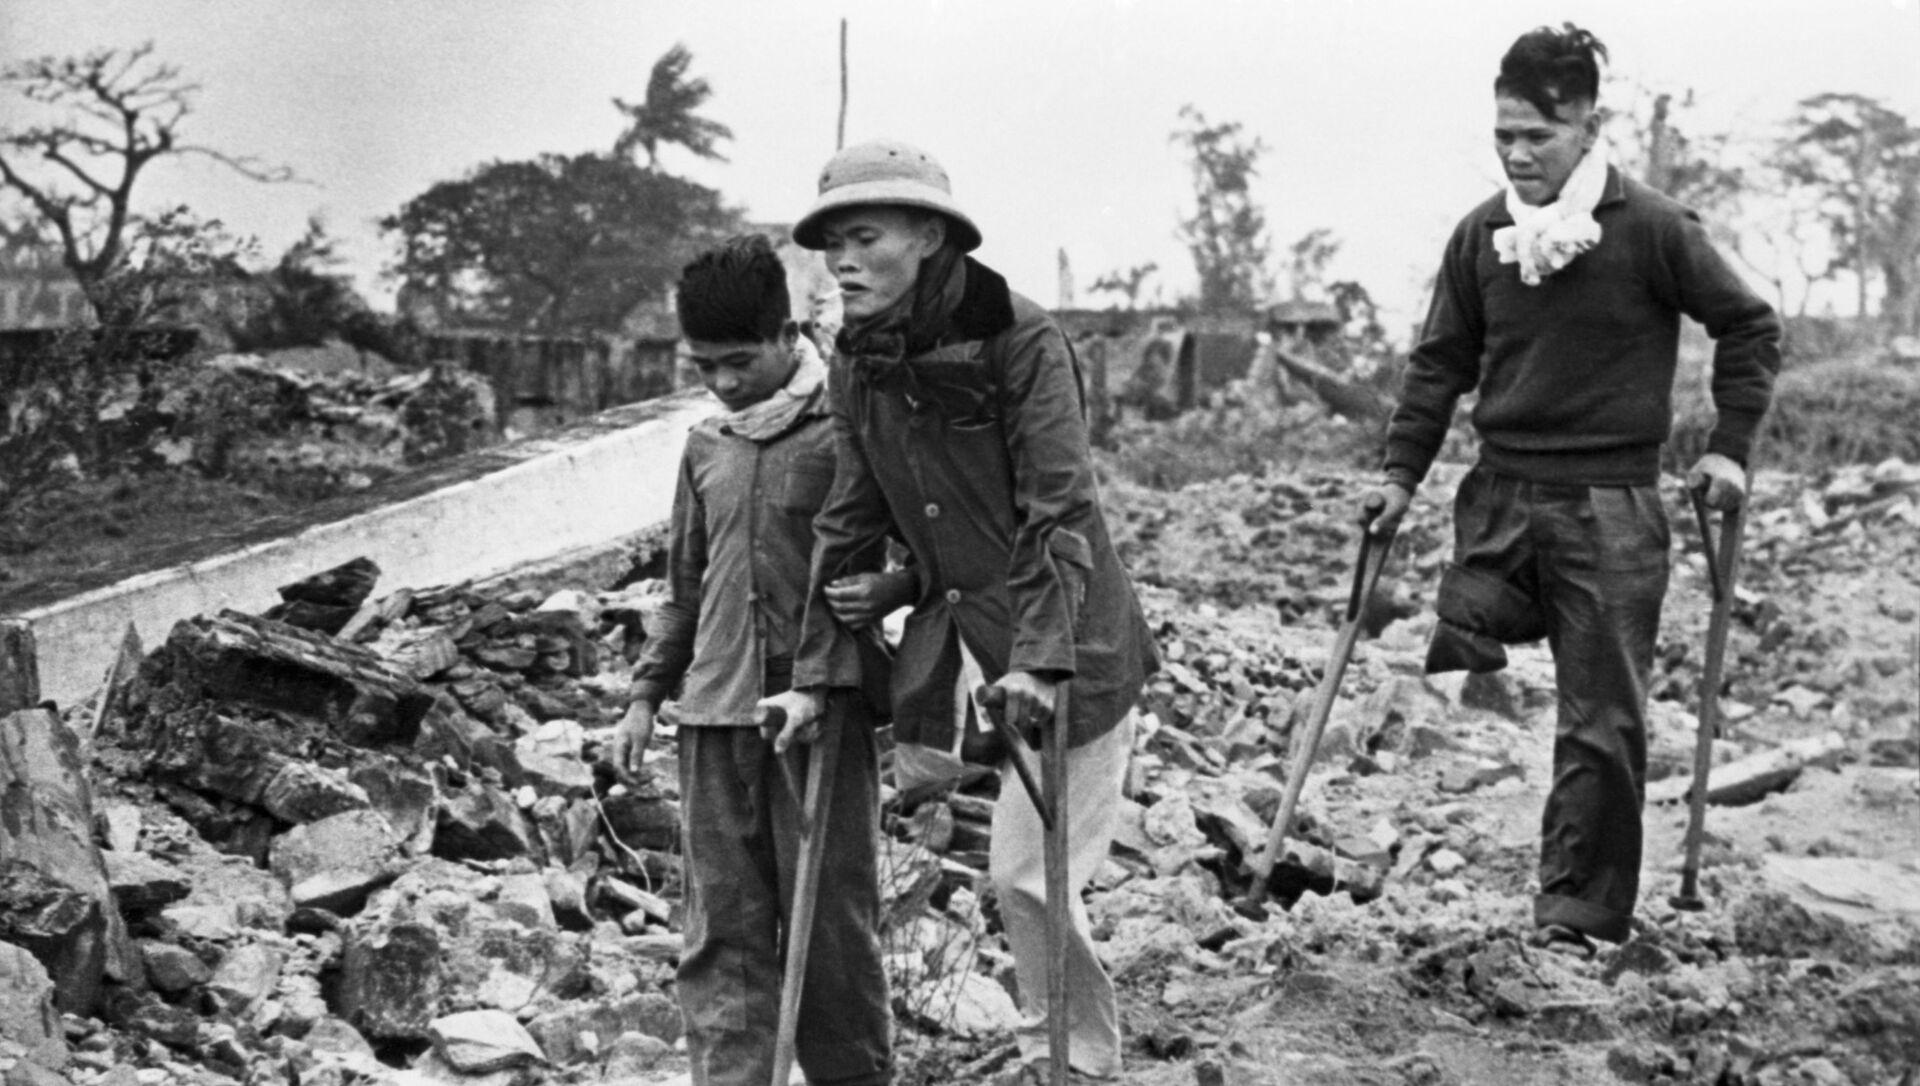 Chiến tranh ở Việt Nam (1964-1975). Các cư dân Việt Nam bị thiệt hại vì những trận ném bom của máy bay Mỹ - Sputnik Việt Nam, 1920, 12.05.2021